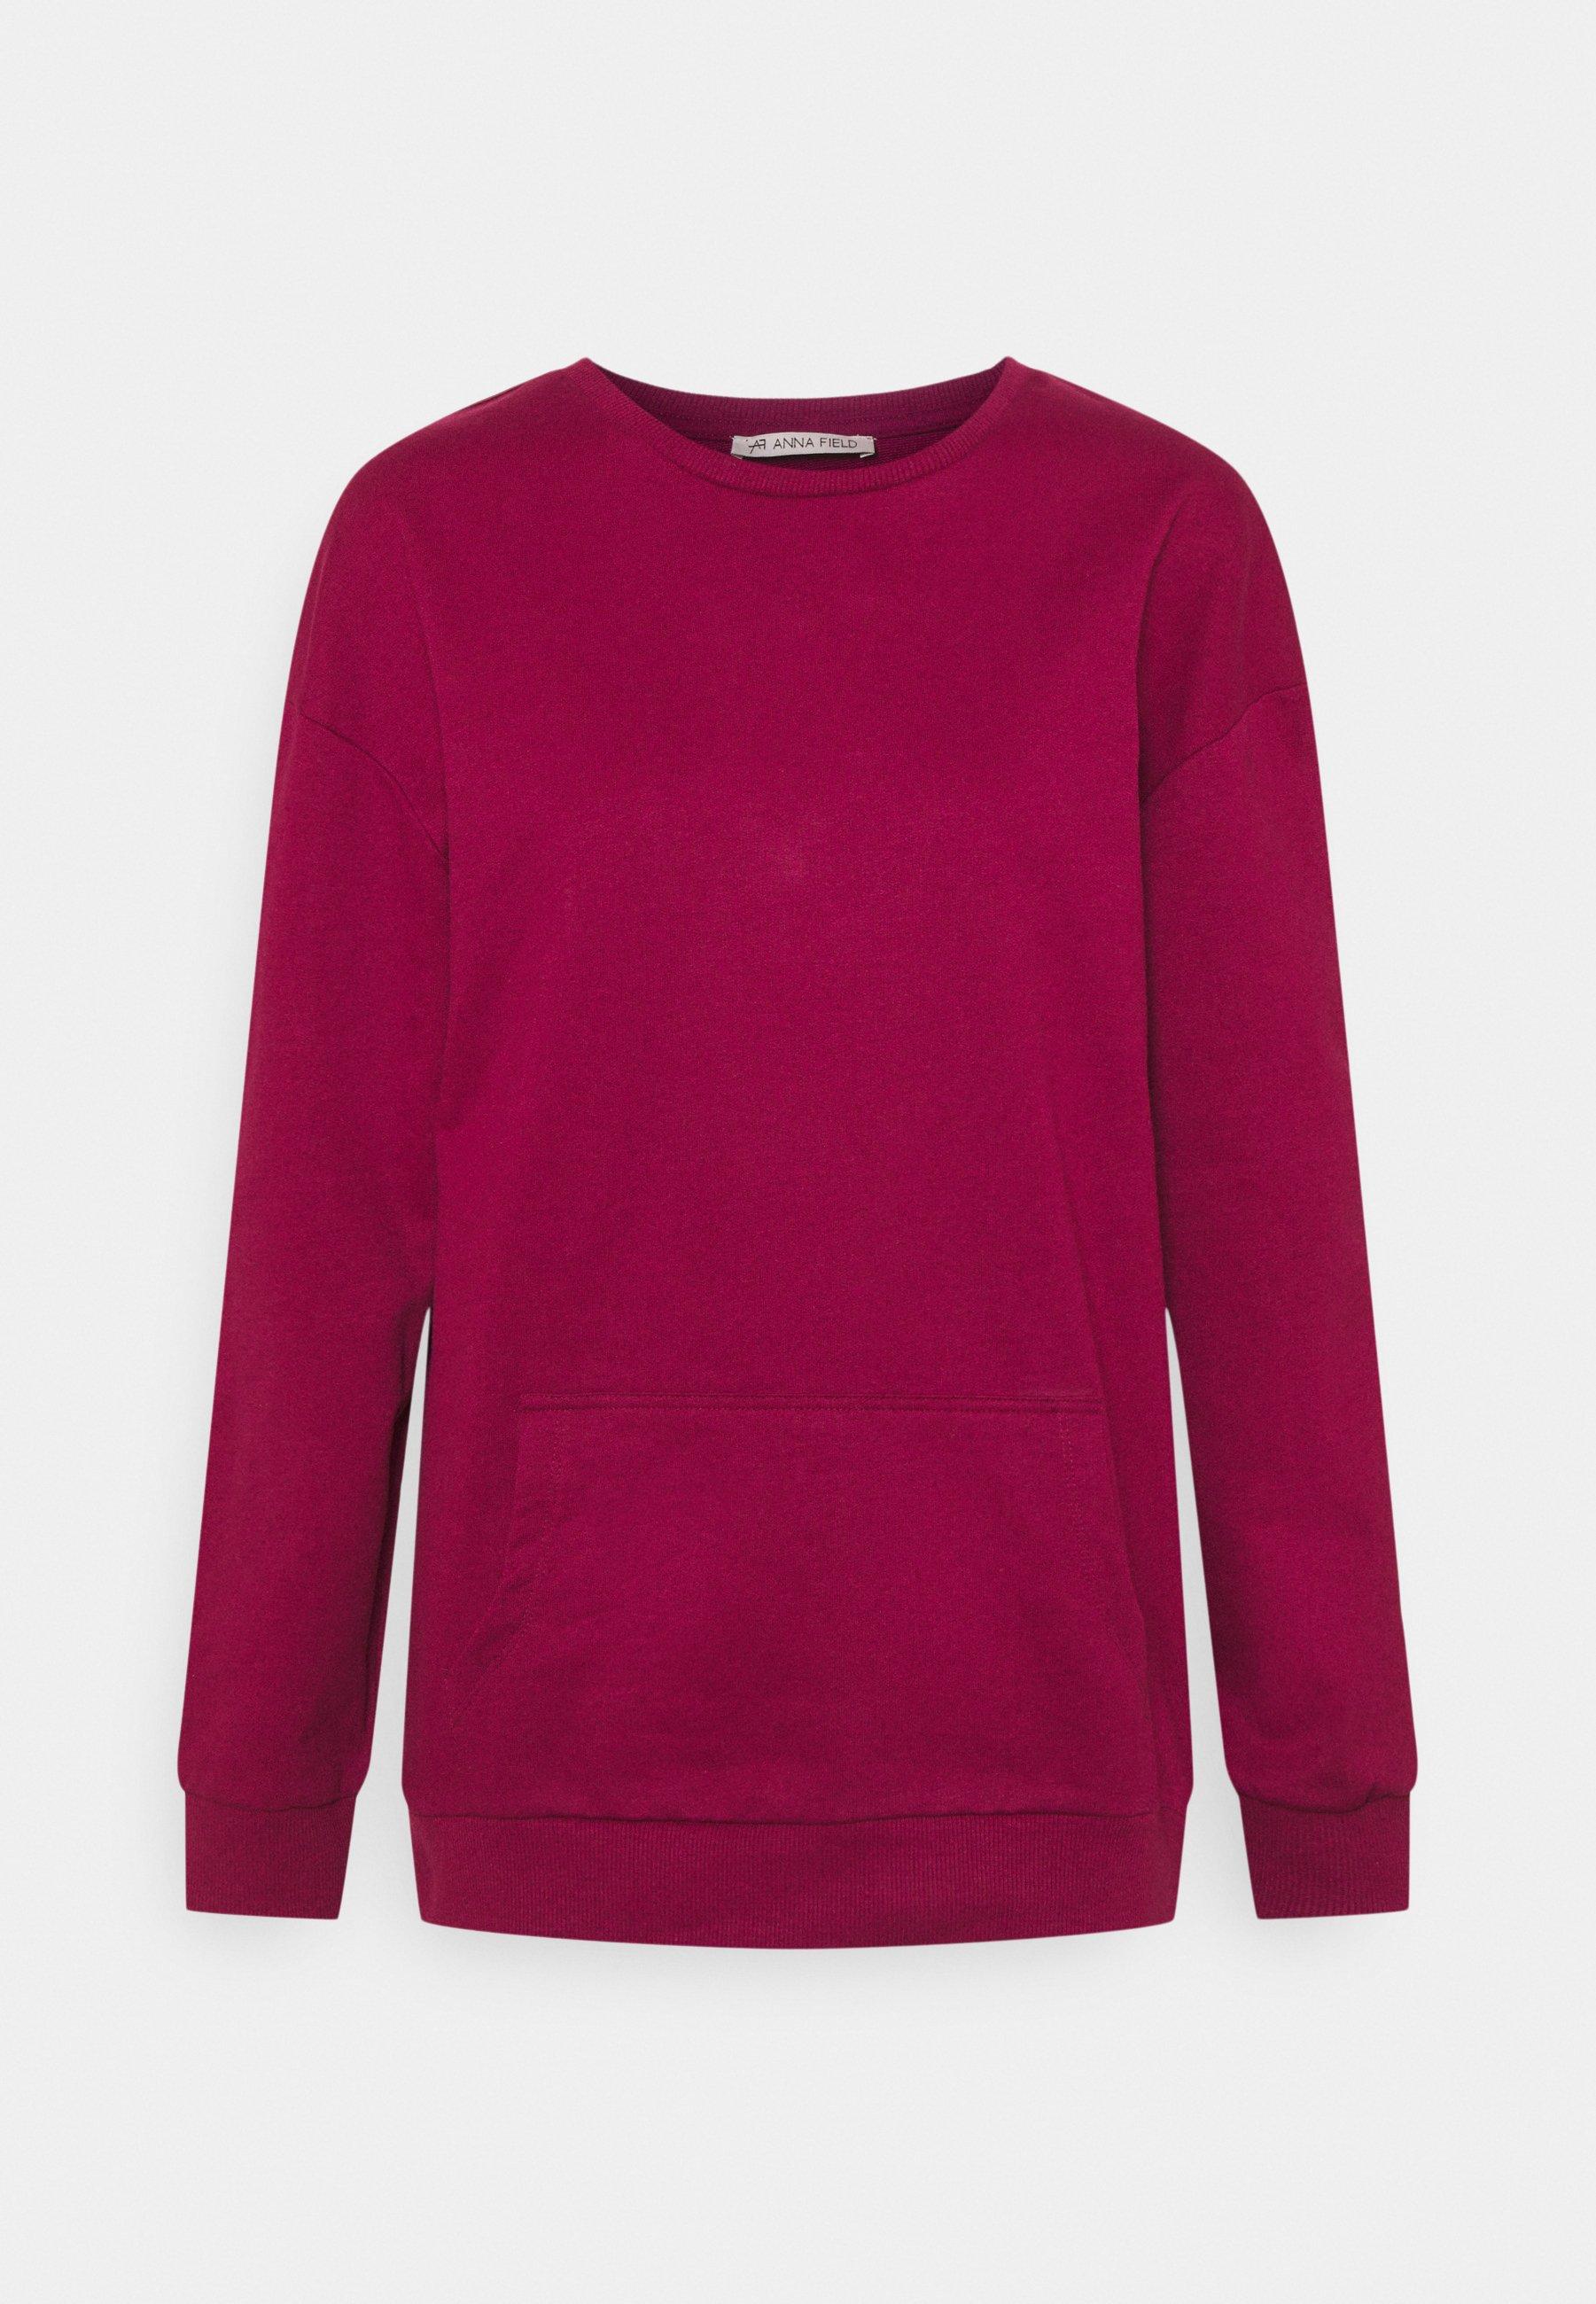 Women Crew neck with pocket - Sweatshirt